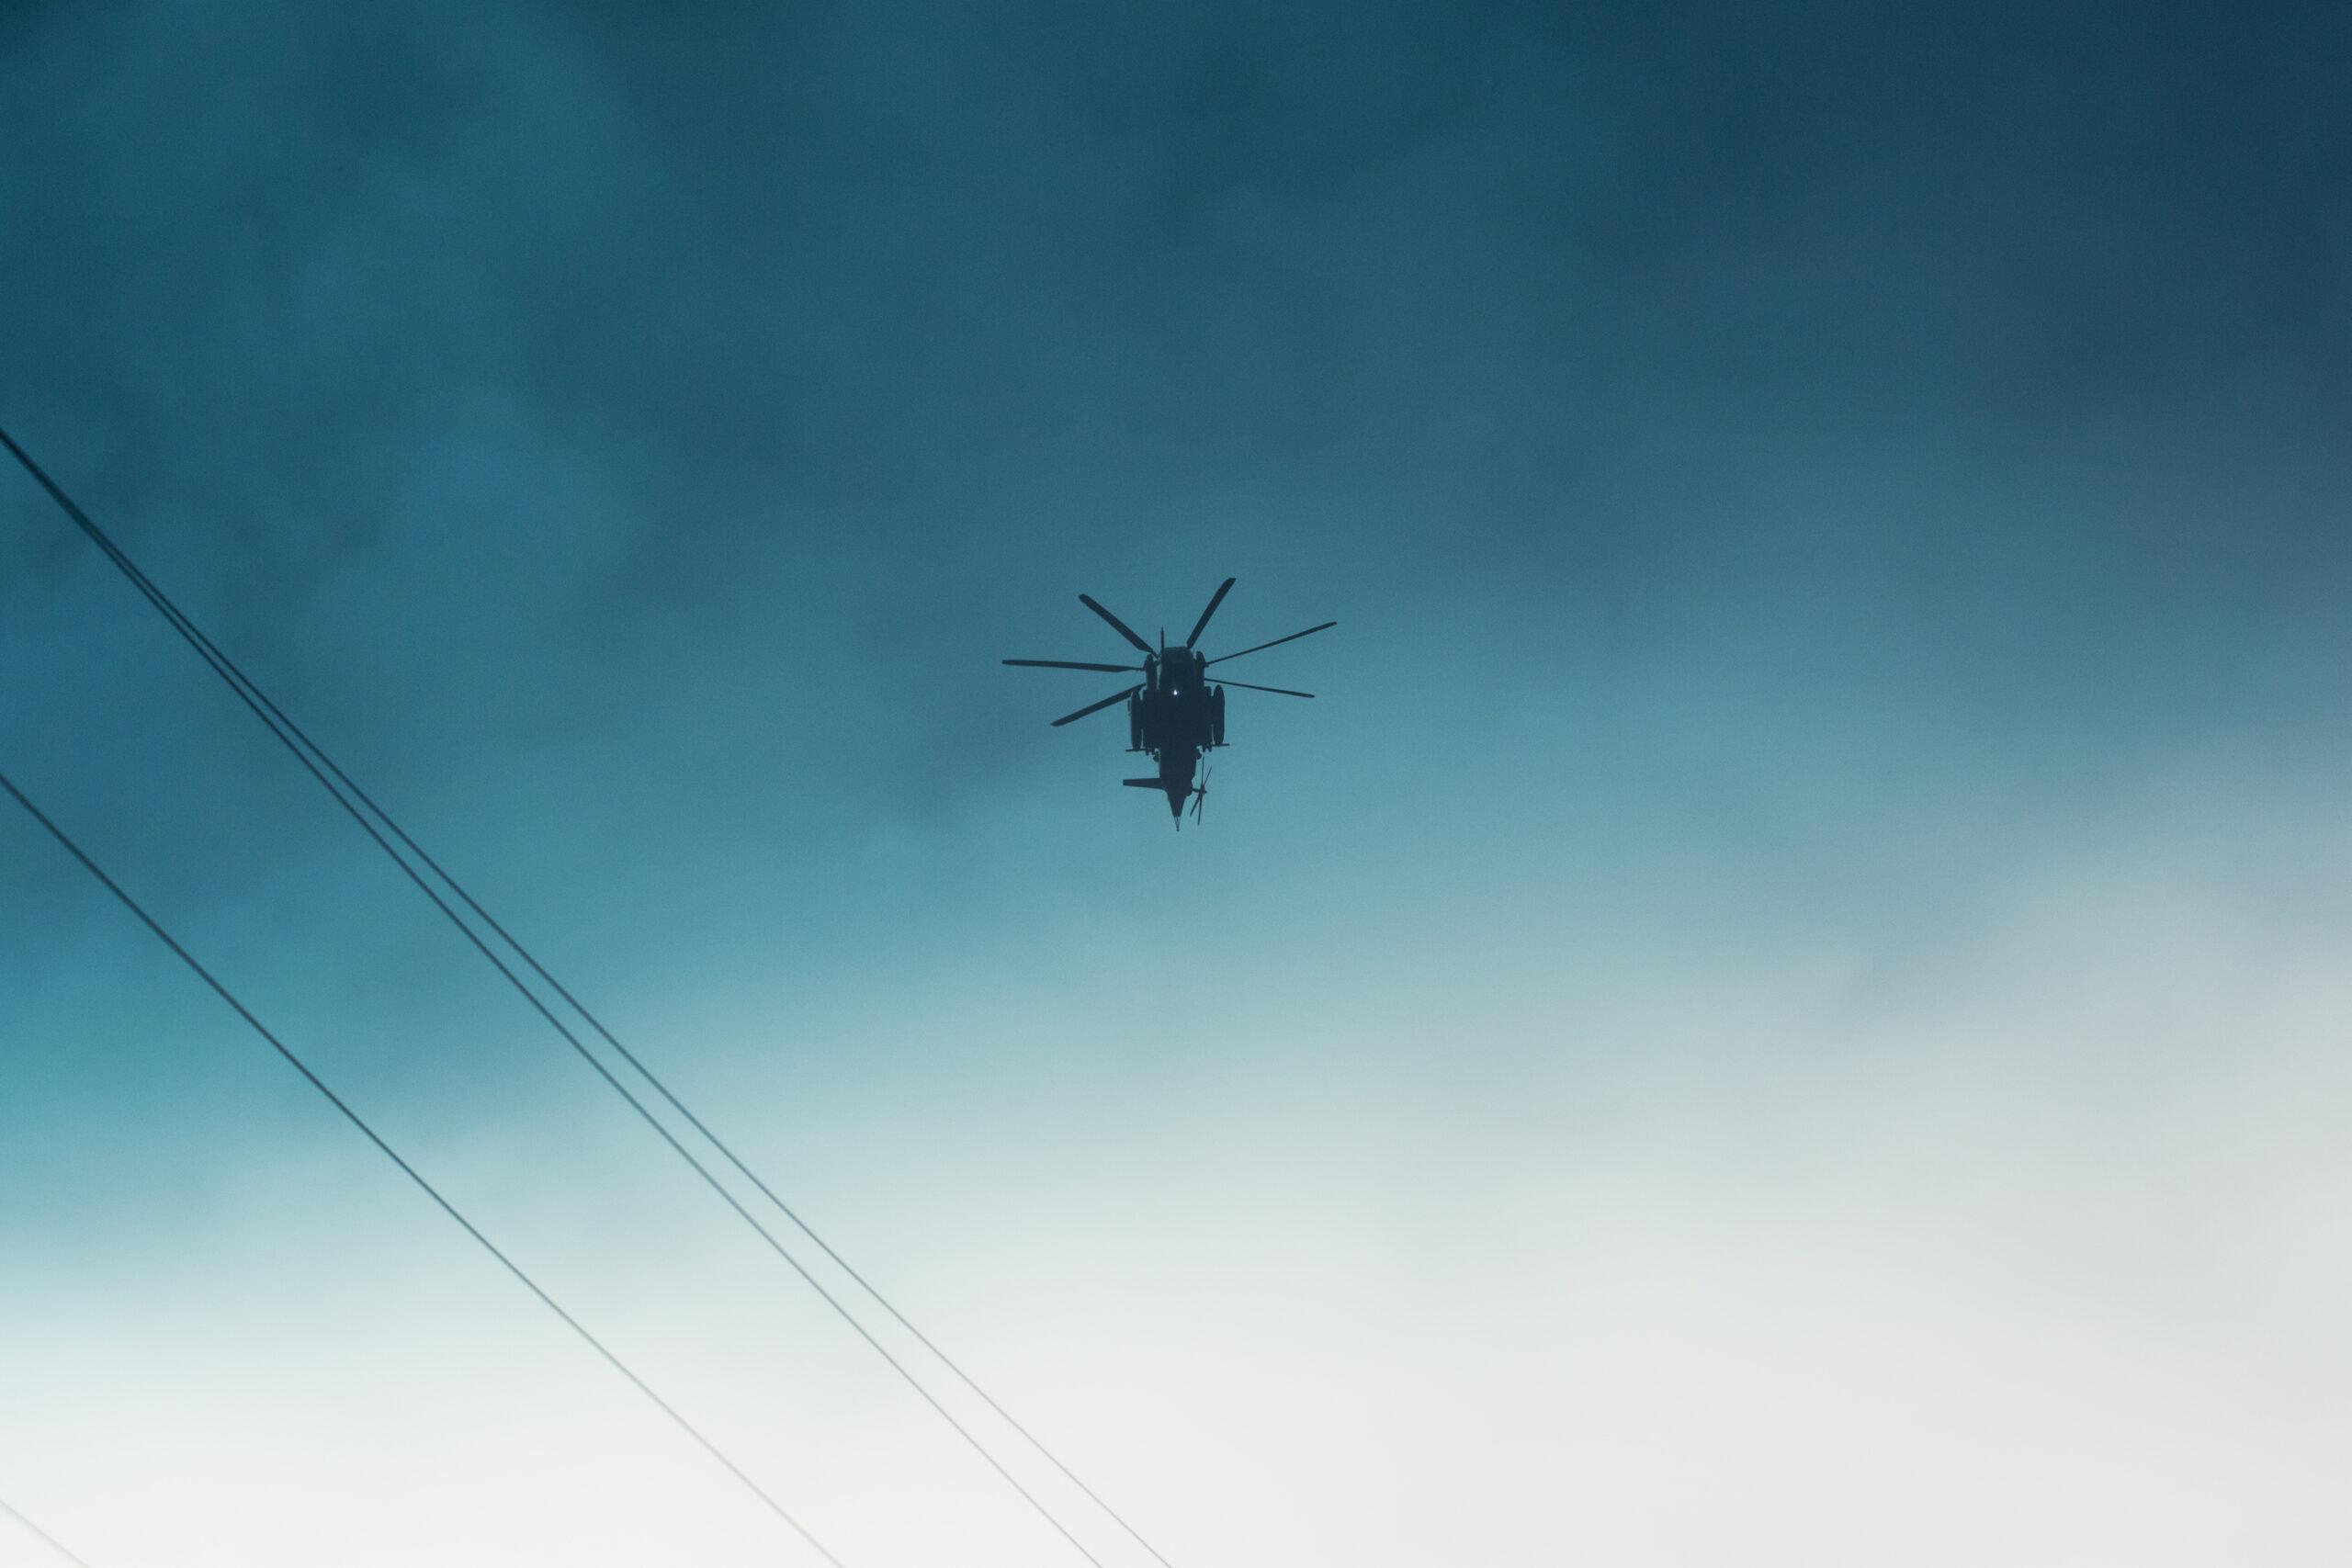 Un elicottero sorvola l'area Leilani Estates di Big Island, Hawaii, durante l'eruzione del vulcano Kilauea. © Gaia Squarci